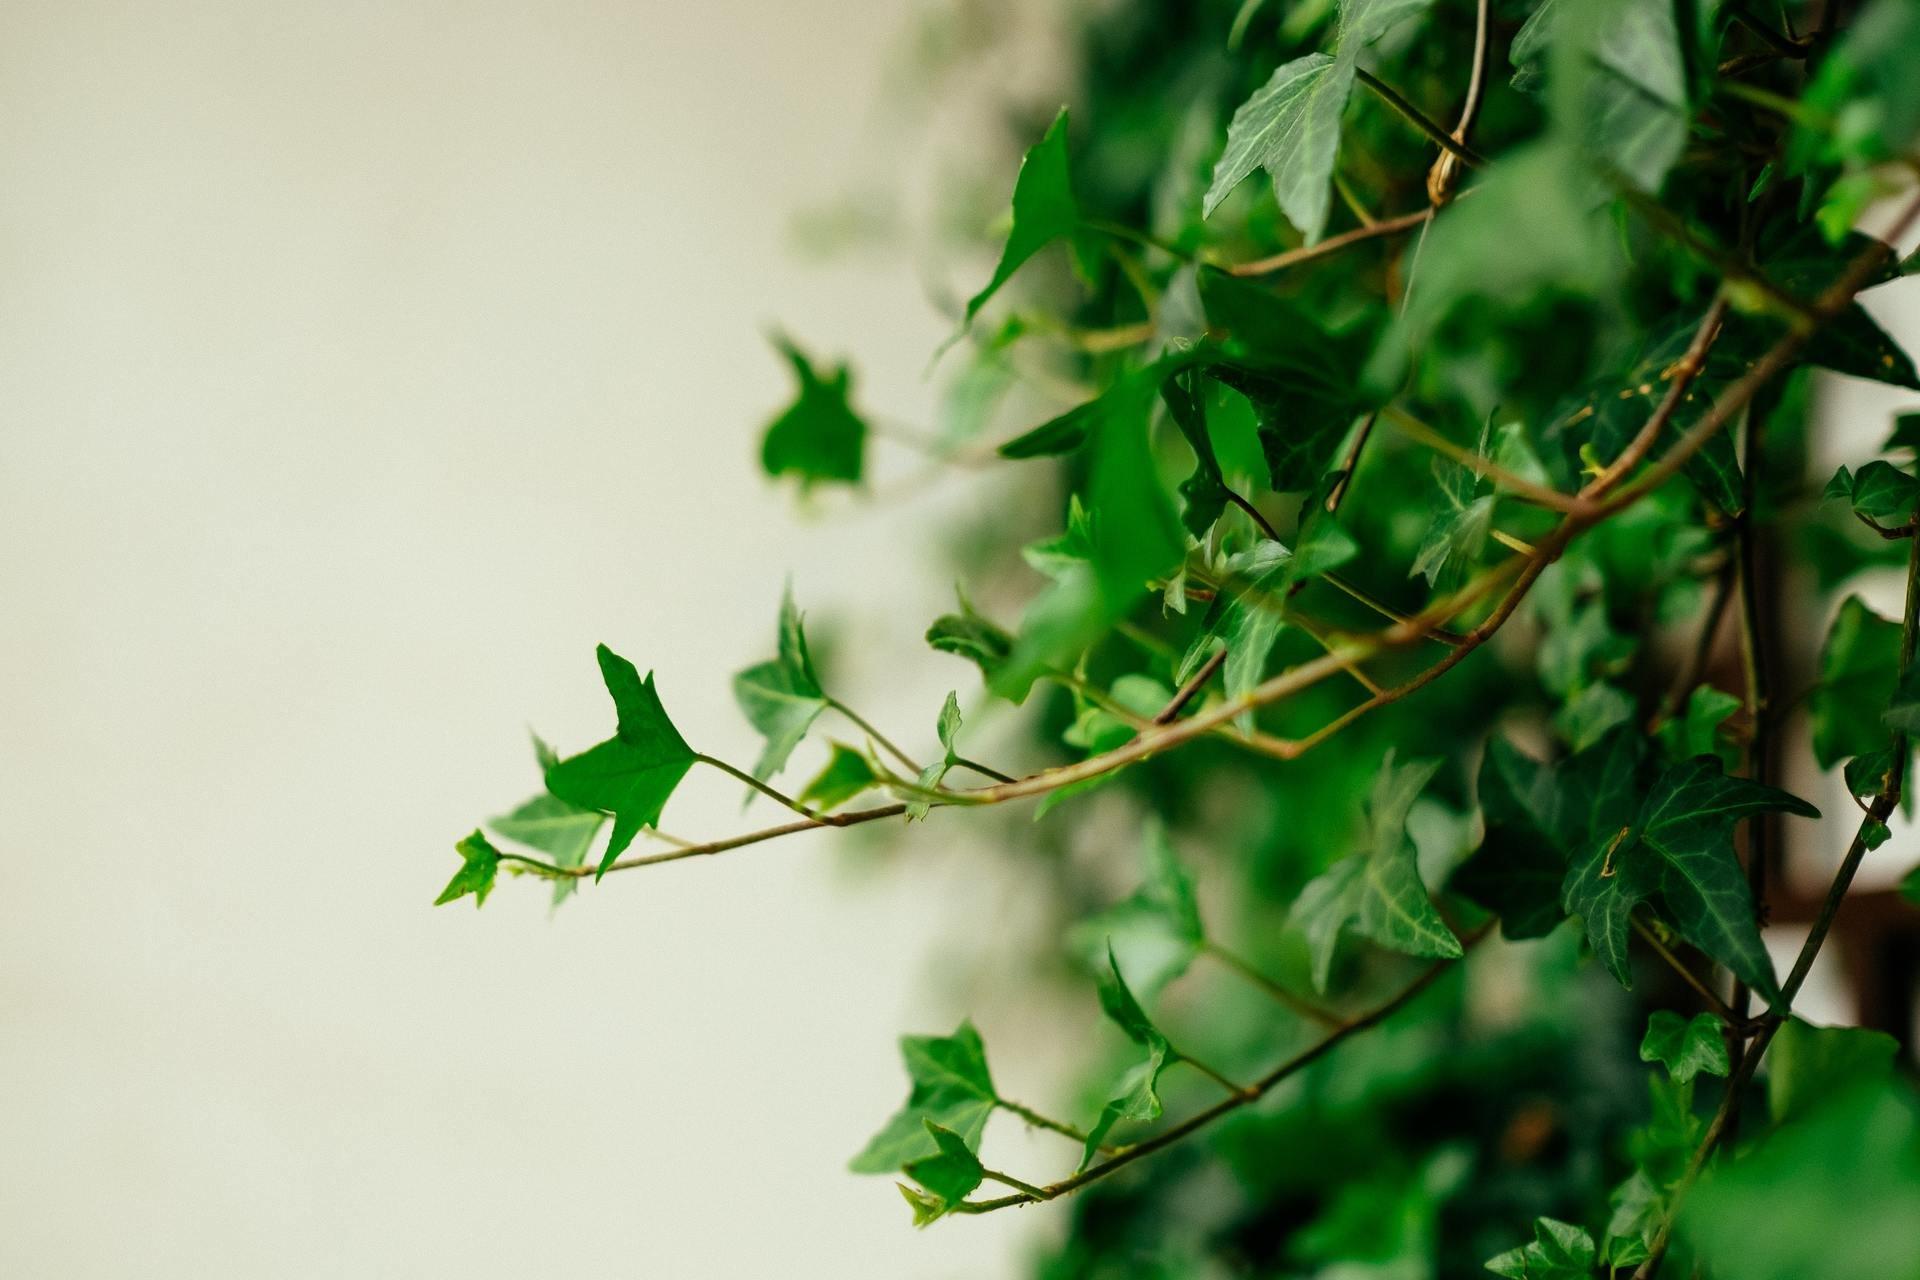 Ảnh cây Thường Xuân (Vạn niên)